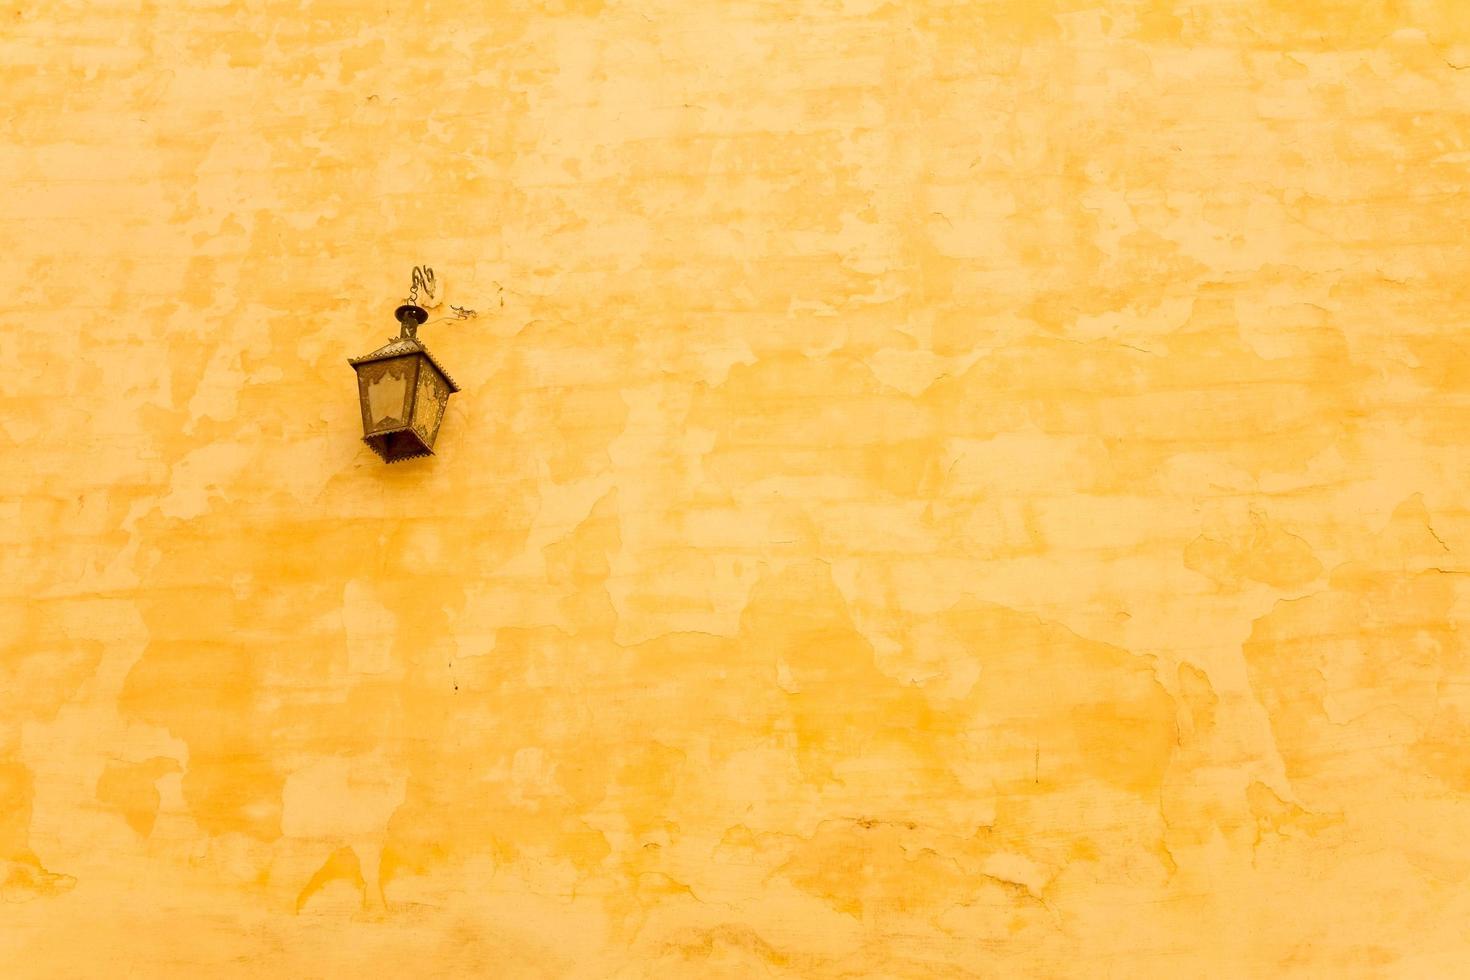 lampada antica appesa al muro giallo foto